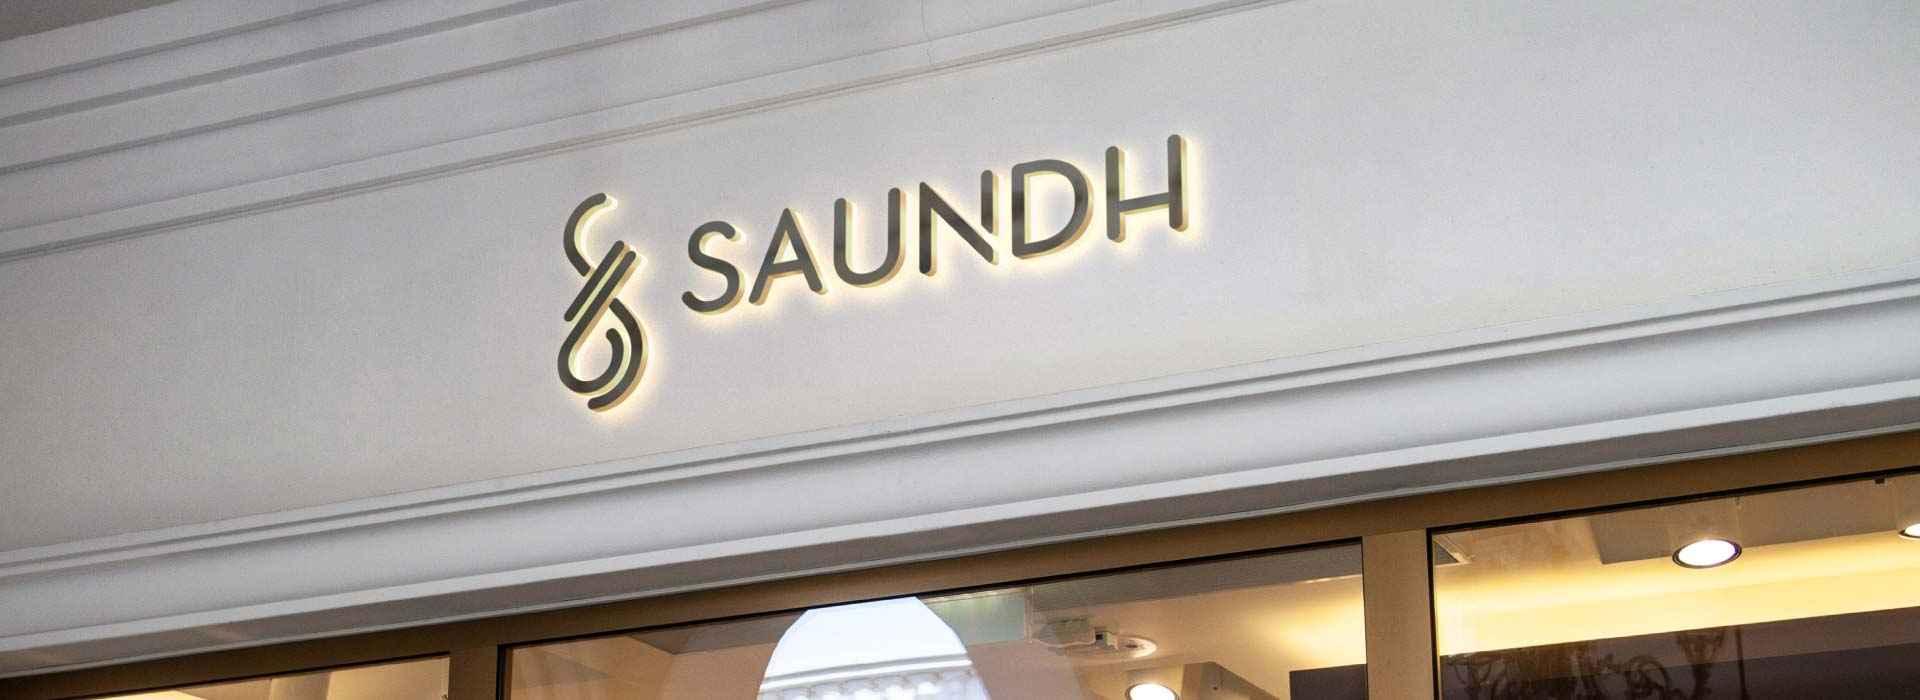 Saundh-Fascia